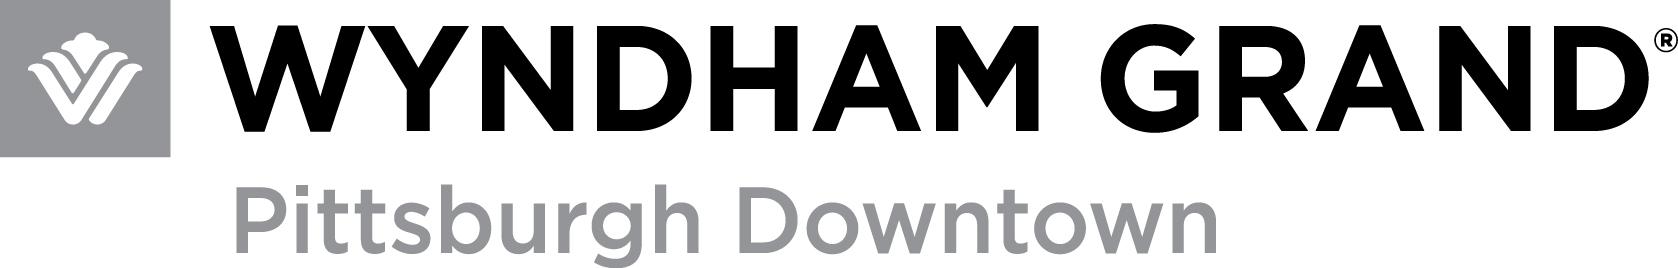 wyndham-grand-logo-jpeg